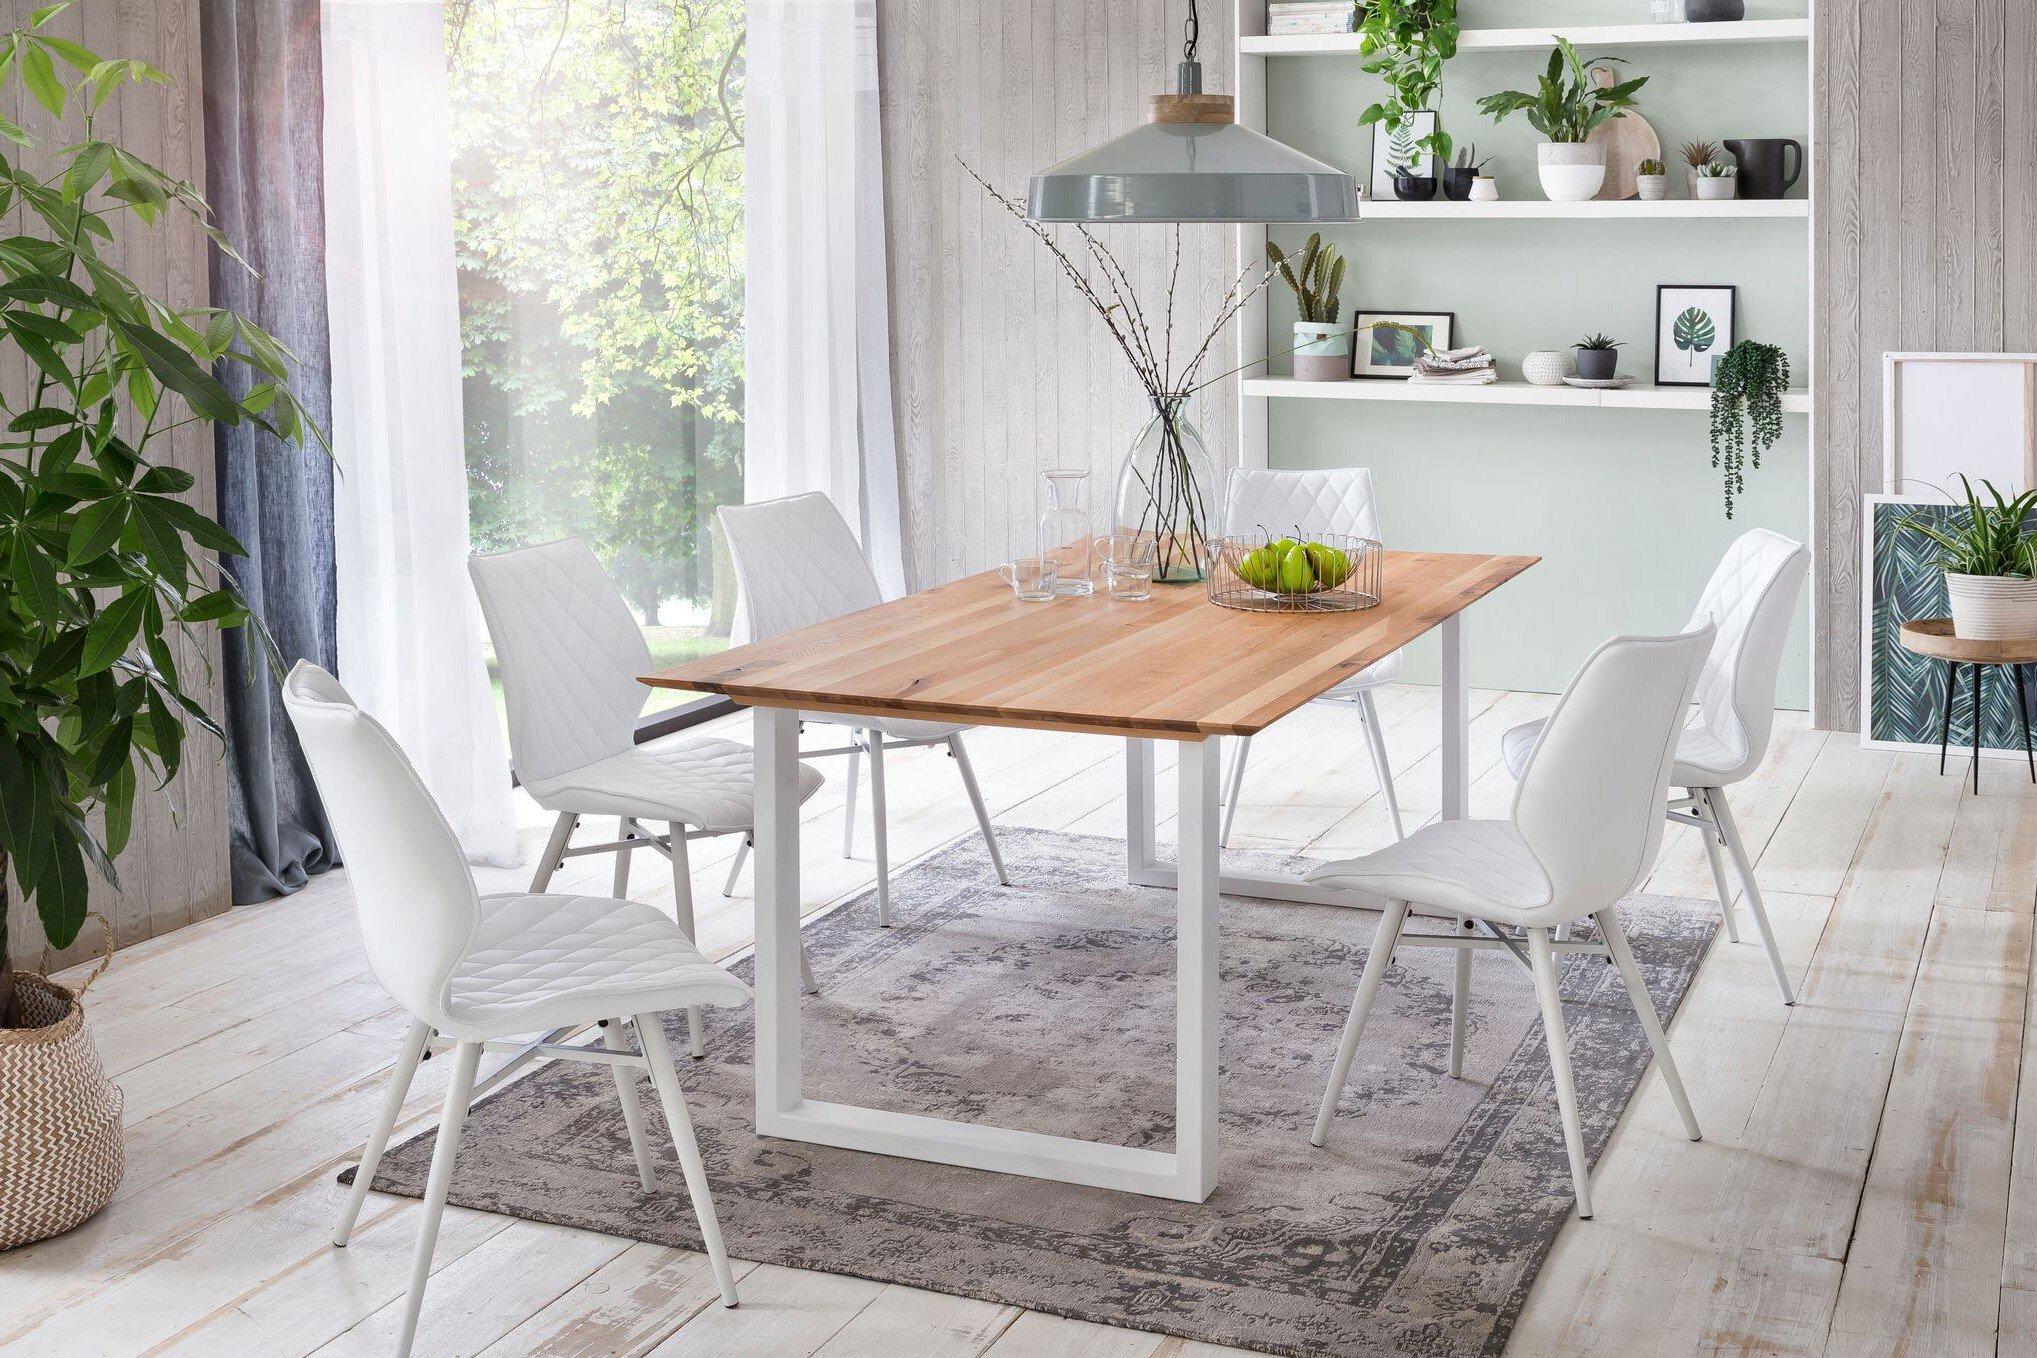 Normen von Skandinavische Möbel - Esstisch aus Eiche geölt